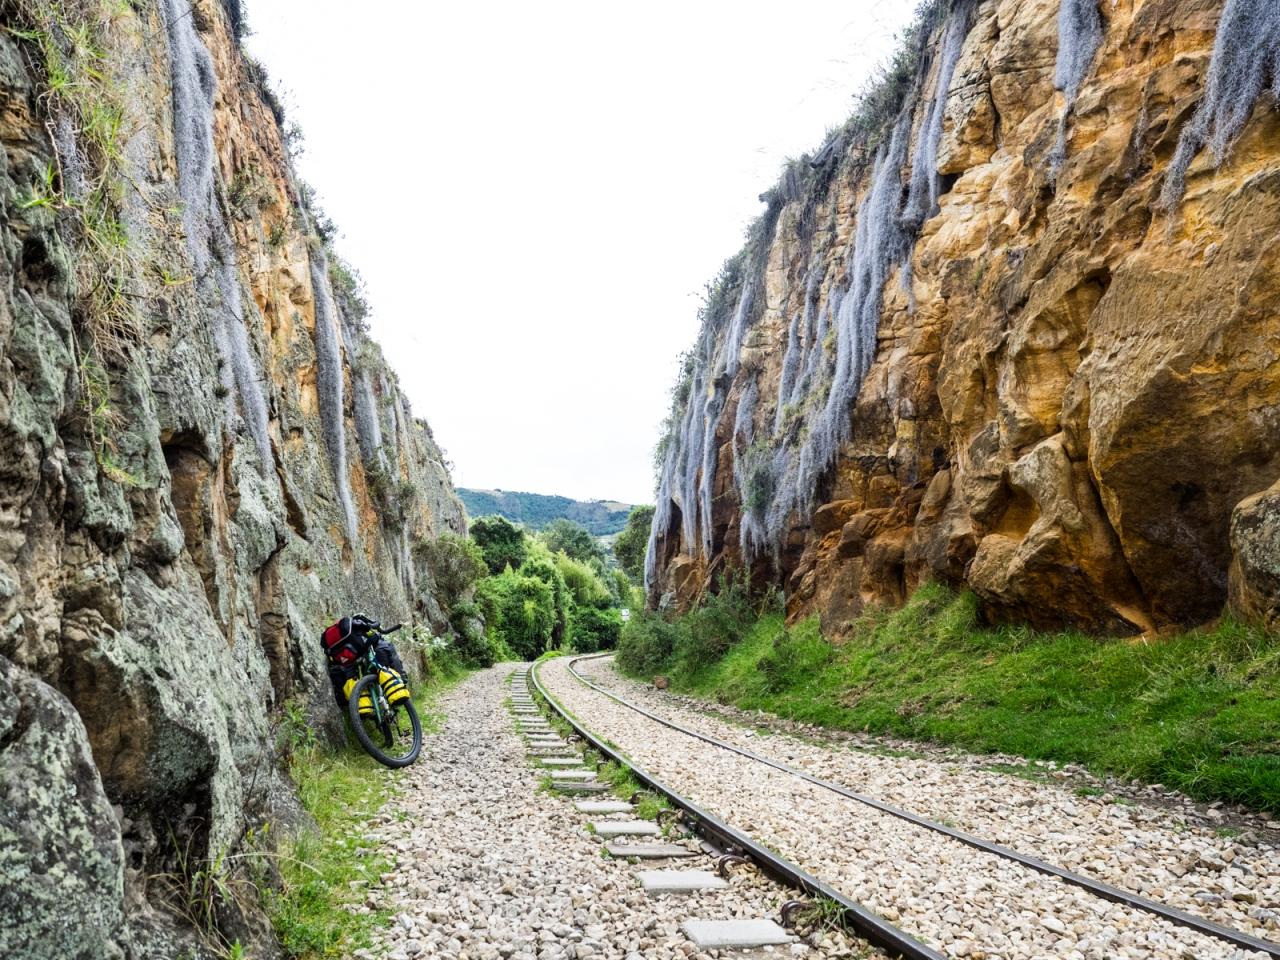 Tripstagram pt. 1: Colombia – Bogota toMedellin